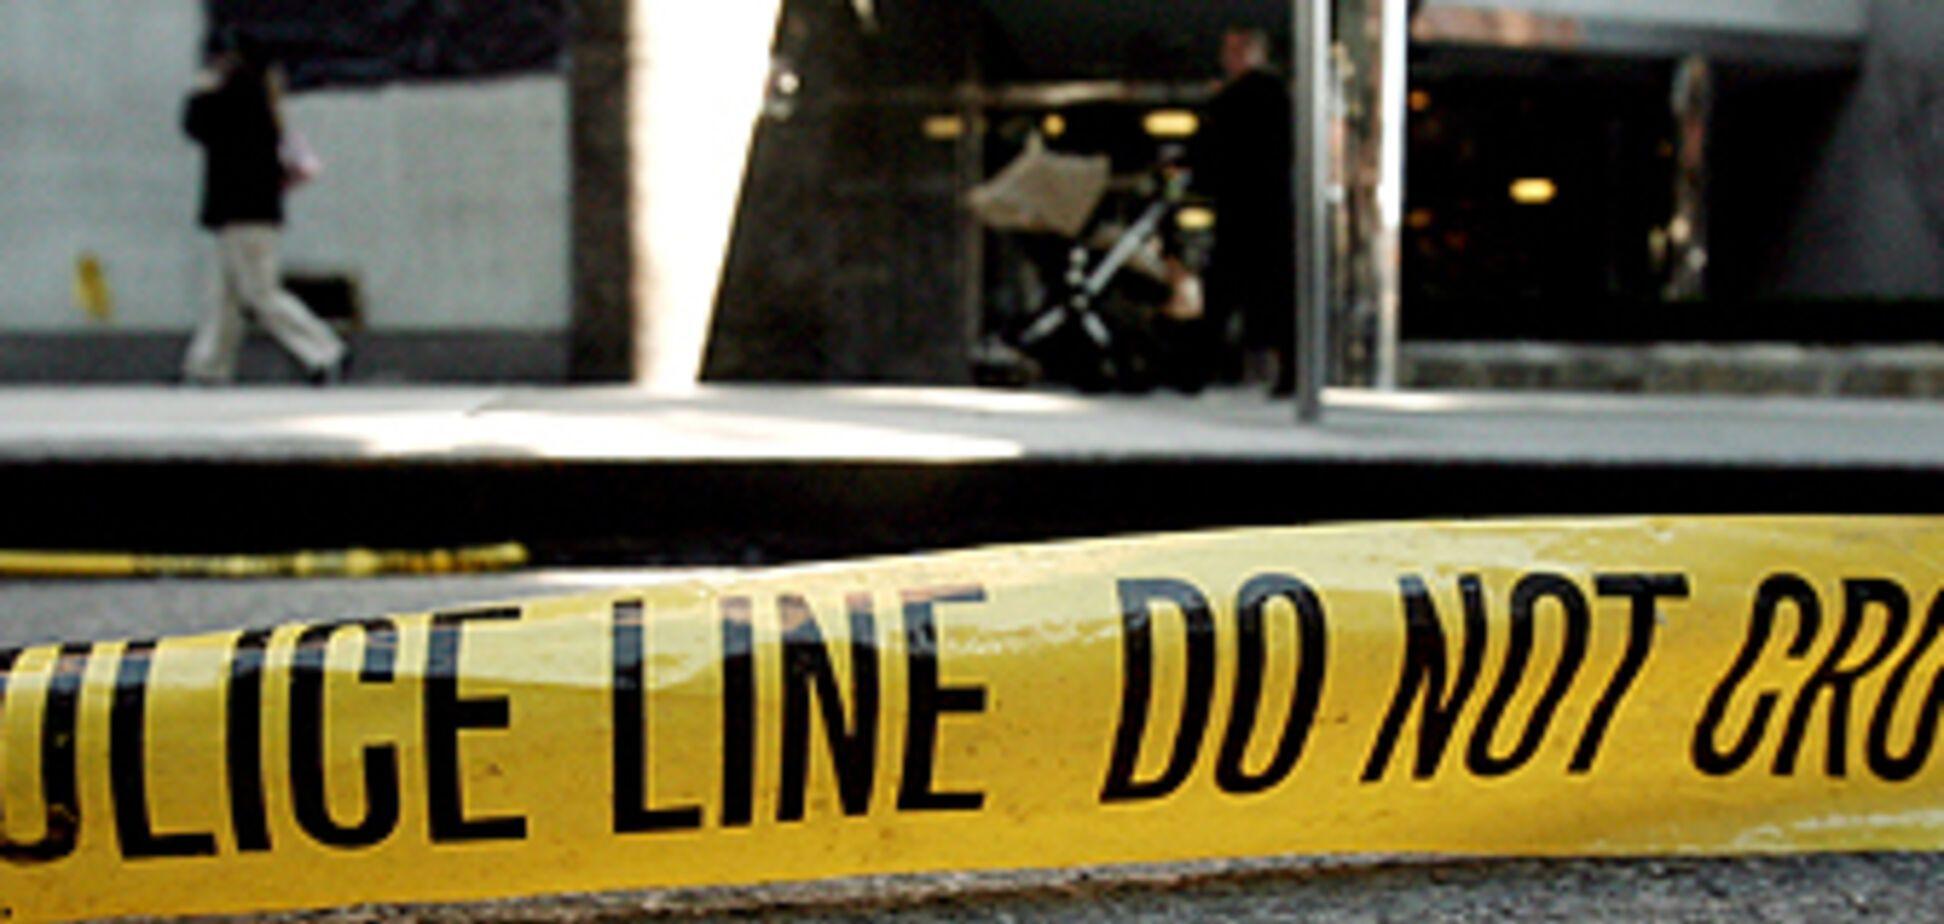 Масове вбивство потрясло США